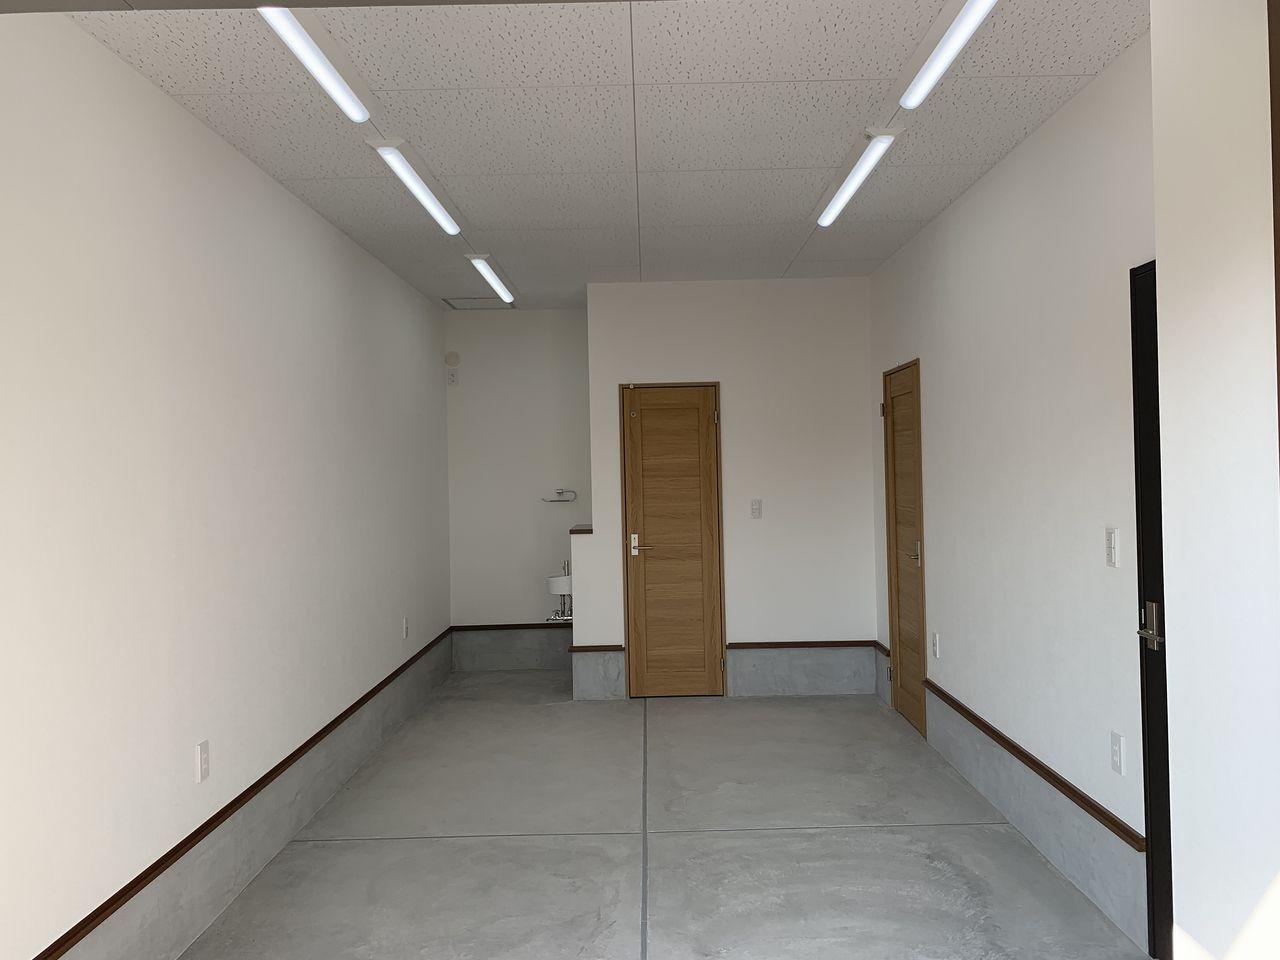 エアコンが設置できるように専用の電源とスリーブは用意されているので、1階を事務所利用する事も可能です。